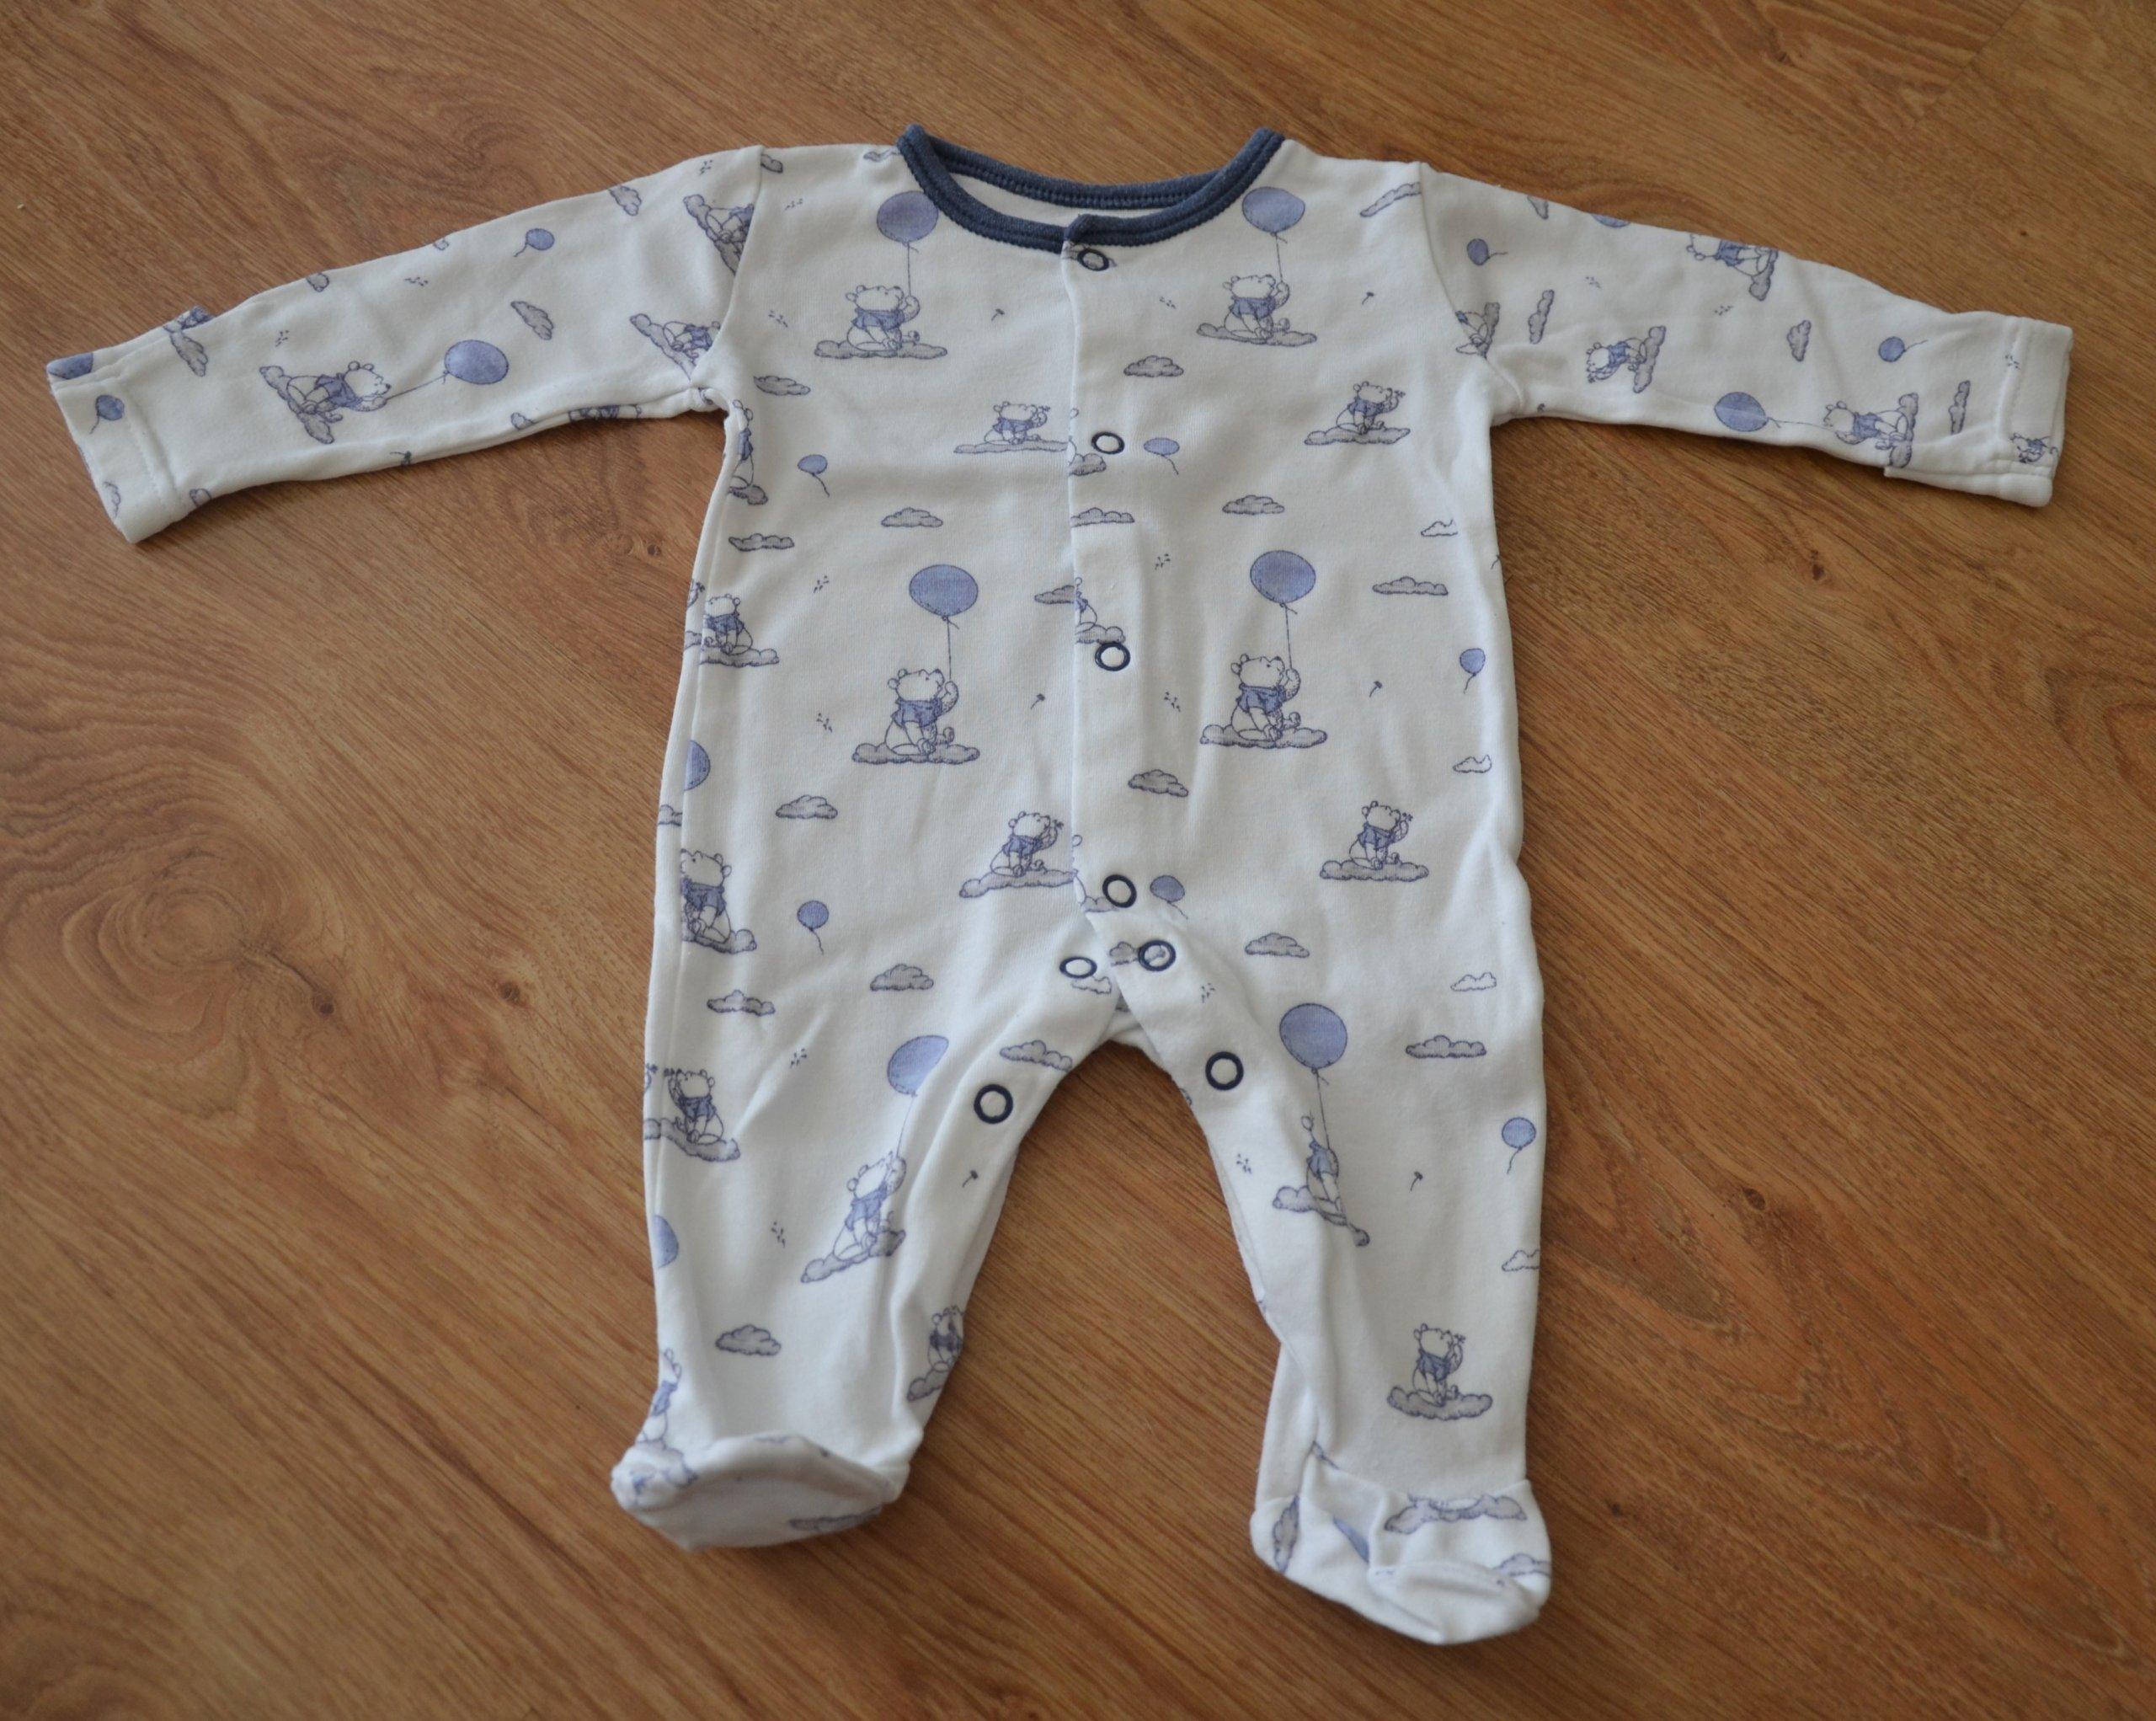 aadb48c02c5630 Pajac, pajacyk niemowlęcy r. 50-56 Disney Baby - 7222817675 ...